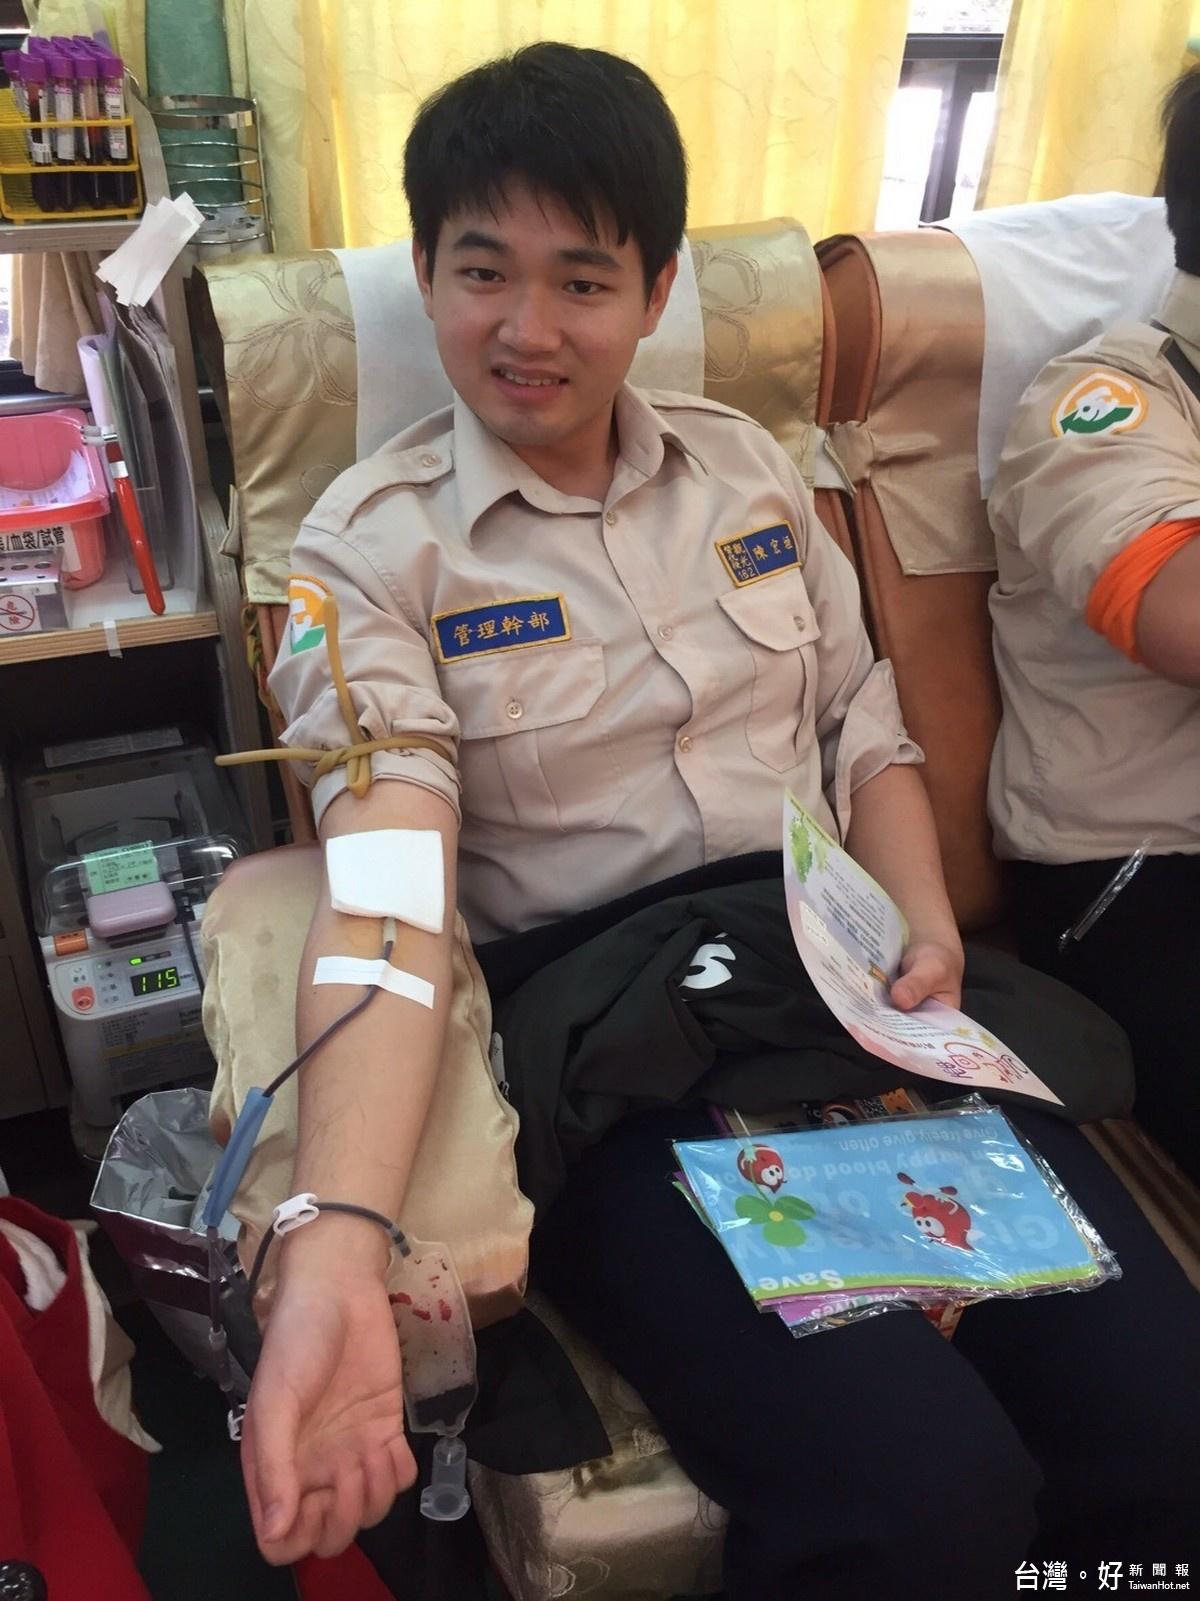 替代役挽袖捐熱血 呼籲民眾加入捐血行列